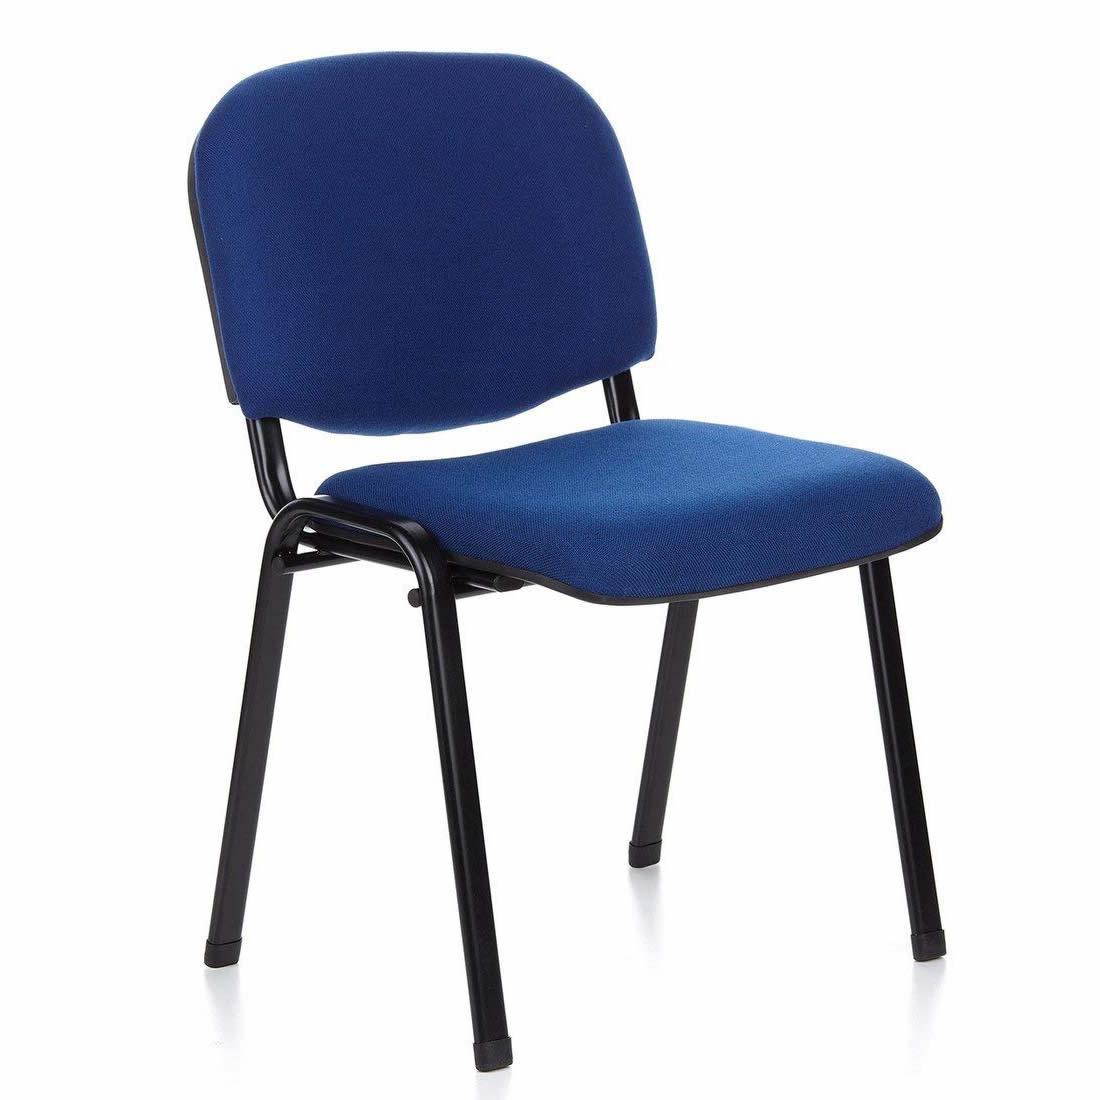 Sedie Per Scrivania.Hjh Office Xt 600 Poltrona Ufficio Opinioni E Prezzi